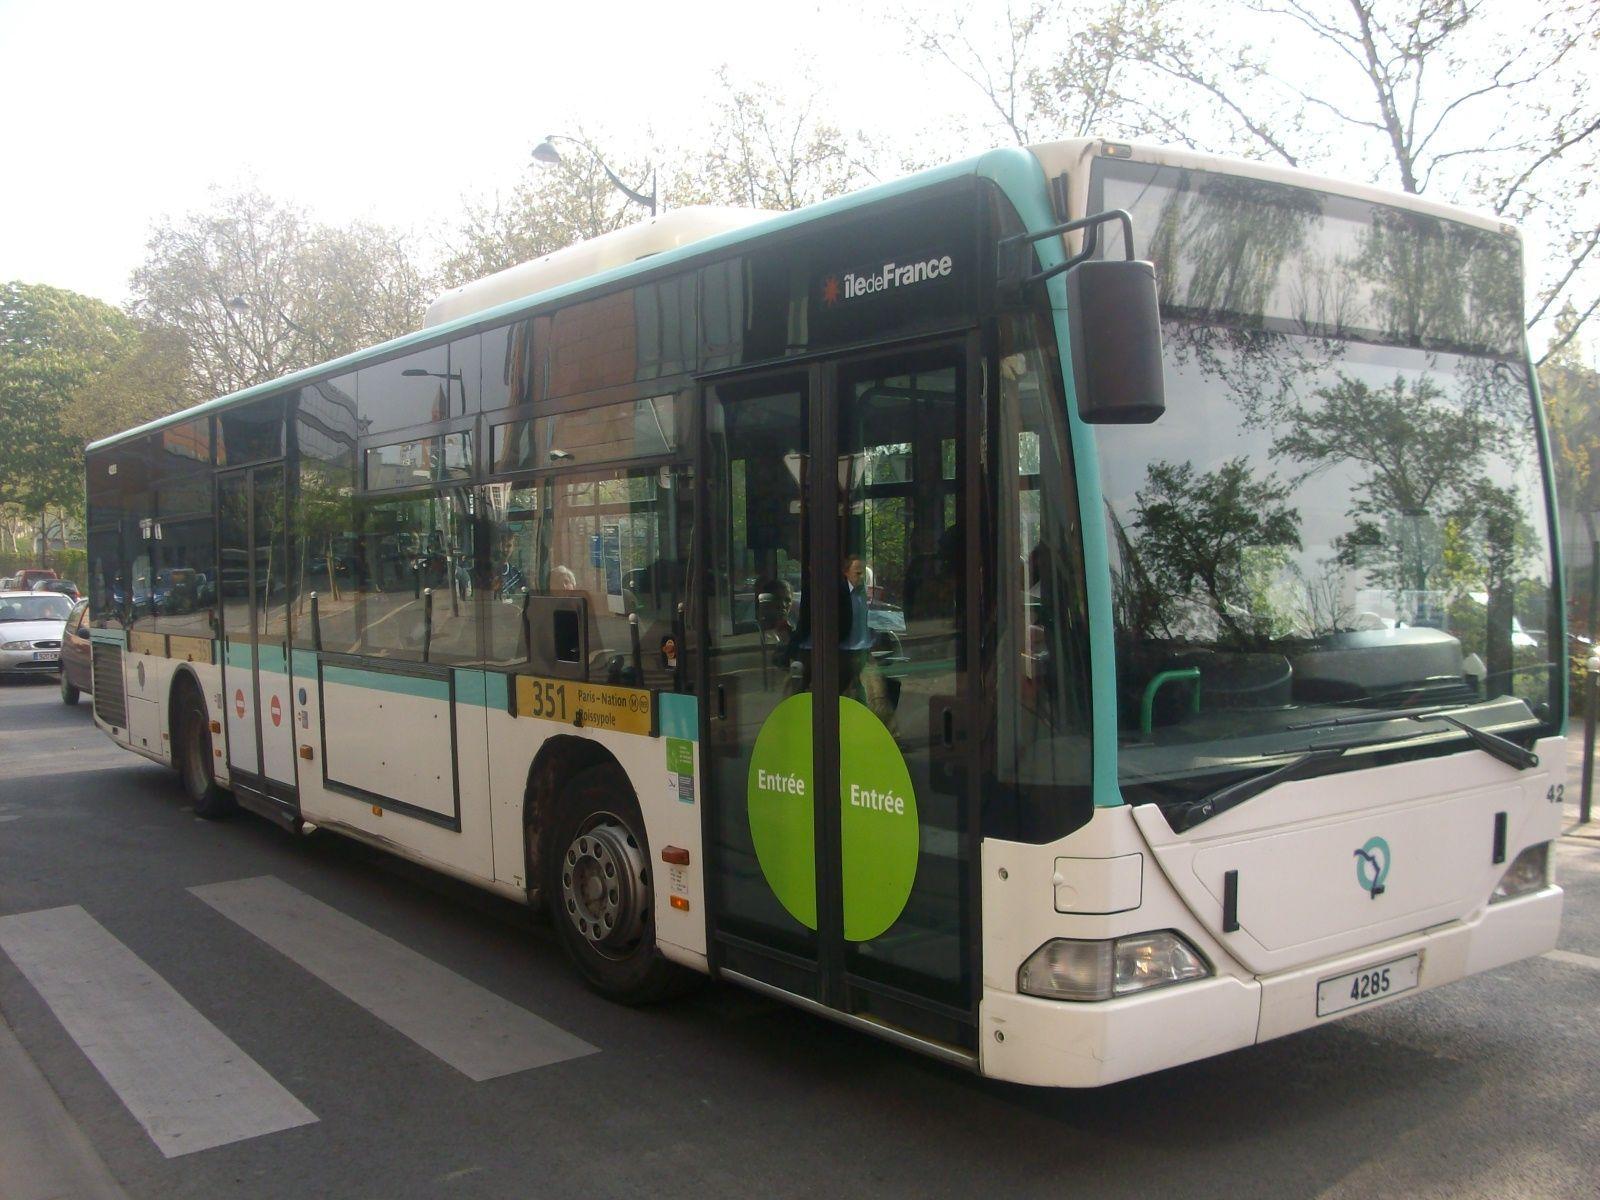 Pr sentation de la ligne bus 351 - Bus 351 paris ...